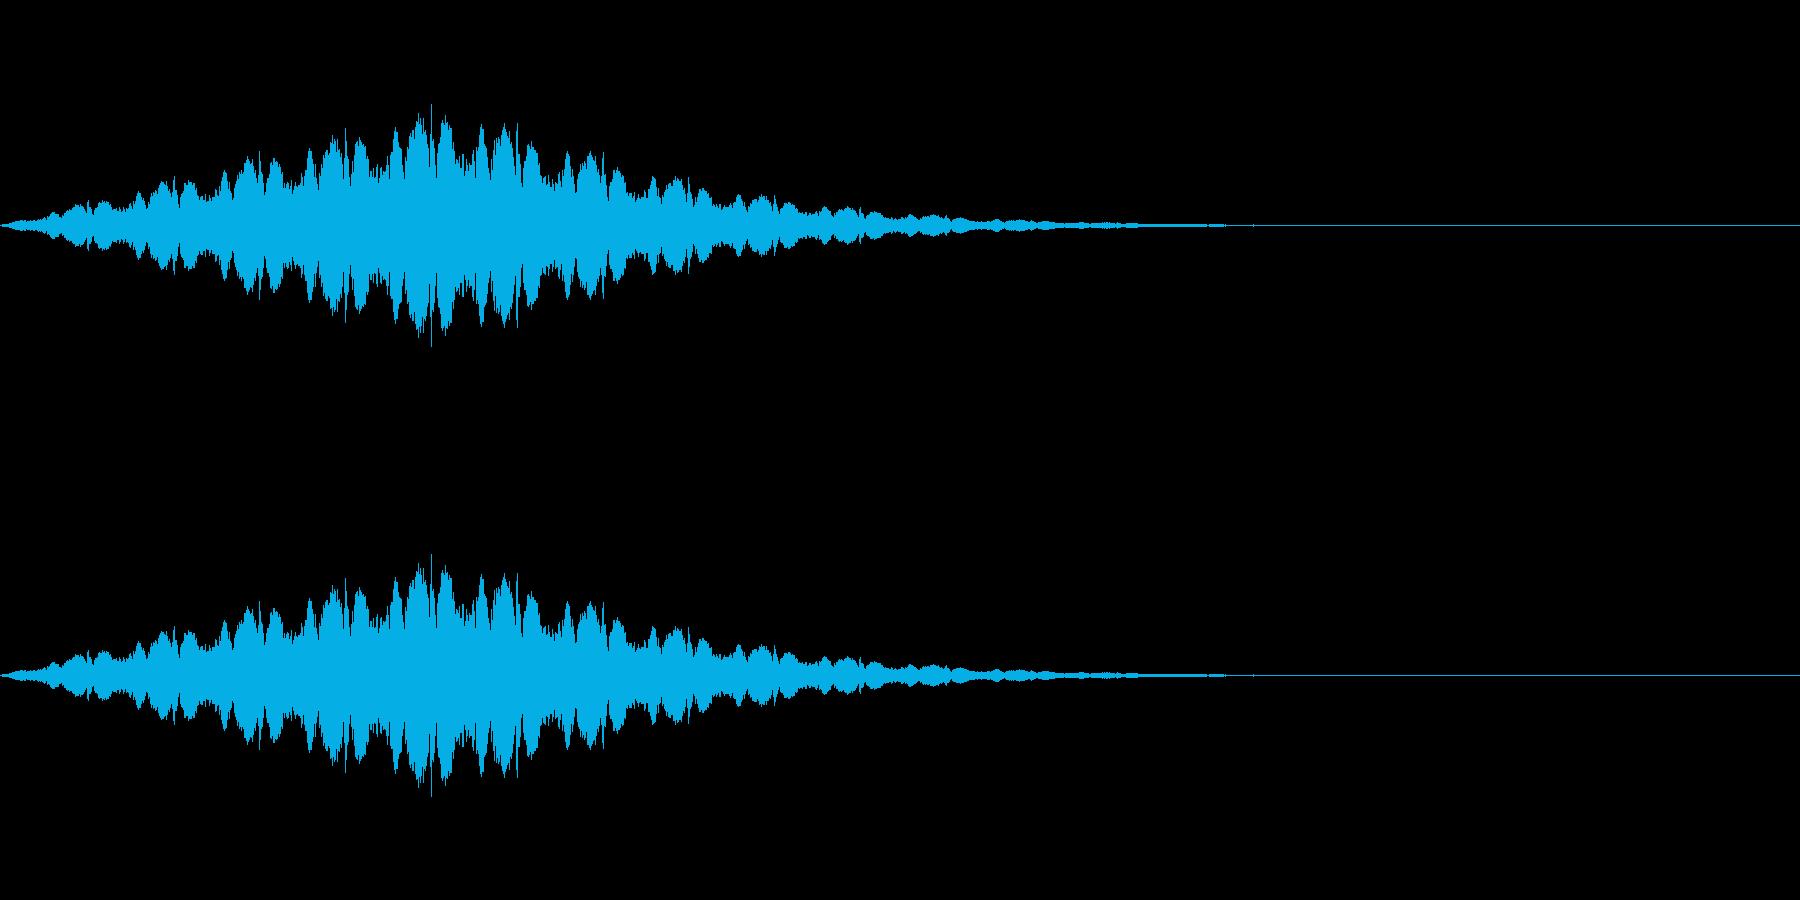 長いパトカーのサイレン「ウーウー」の再生済みの波形